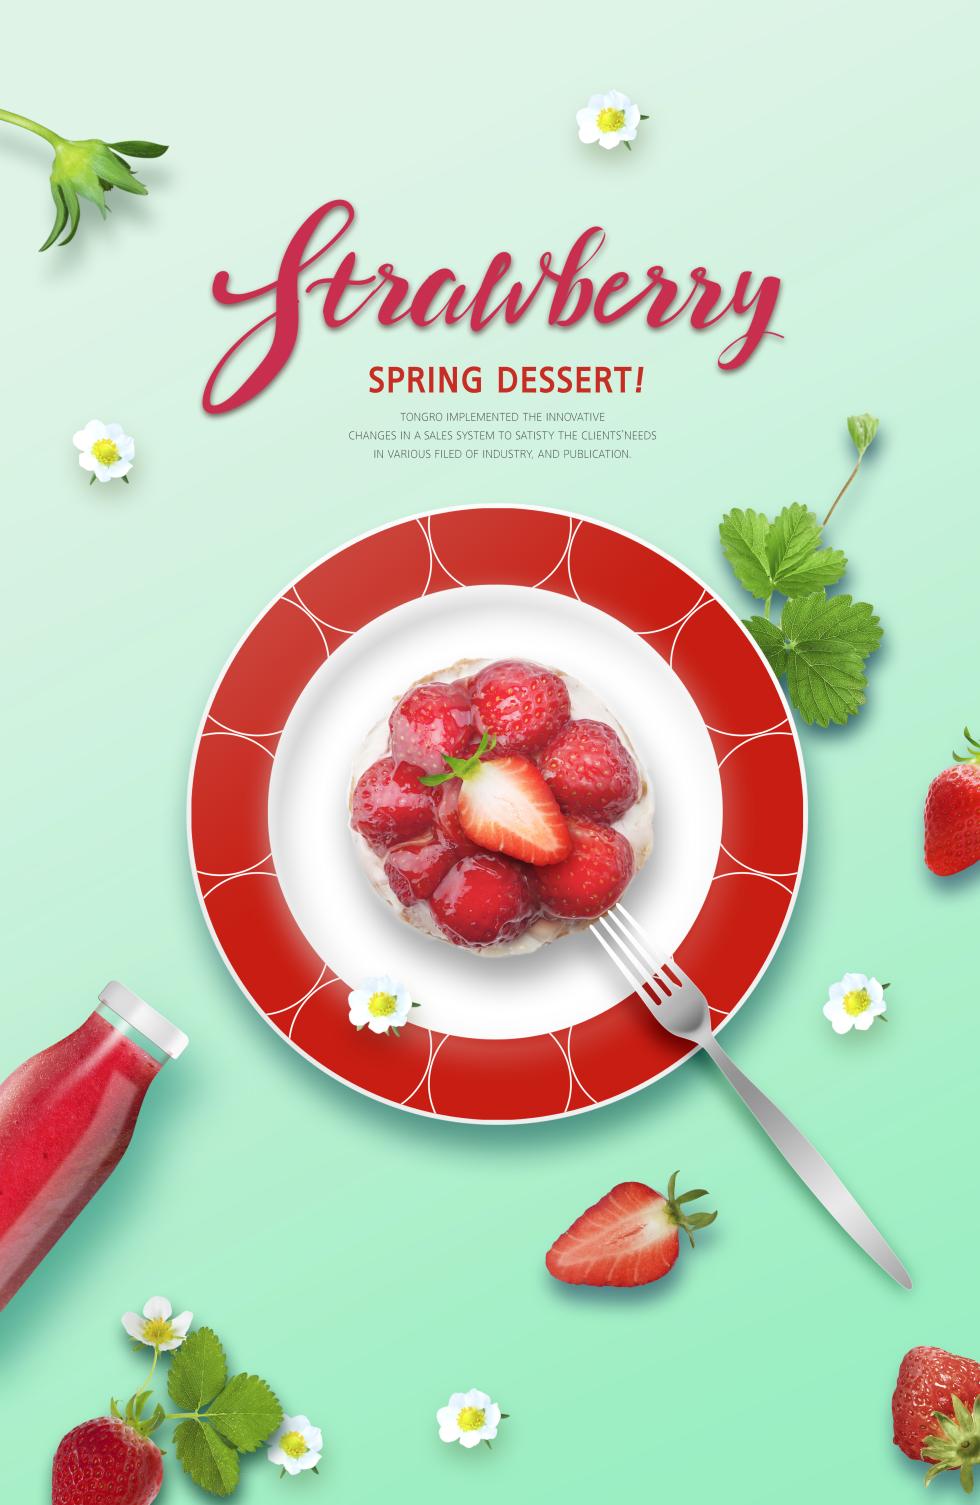 创意卡通水果捞美食海报